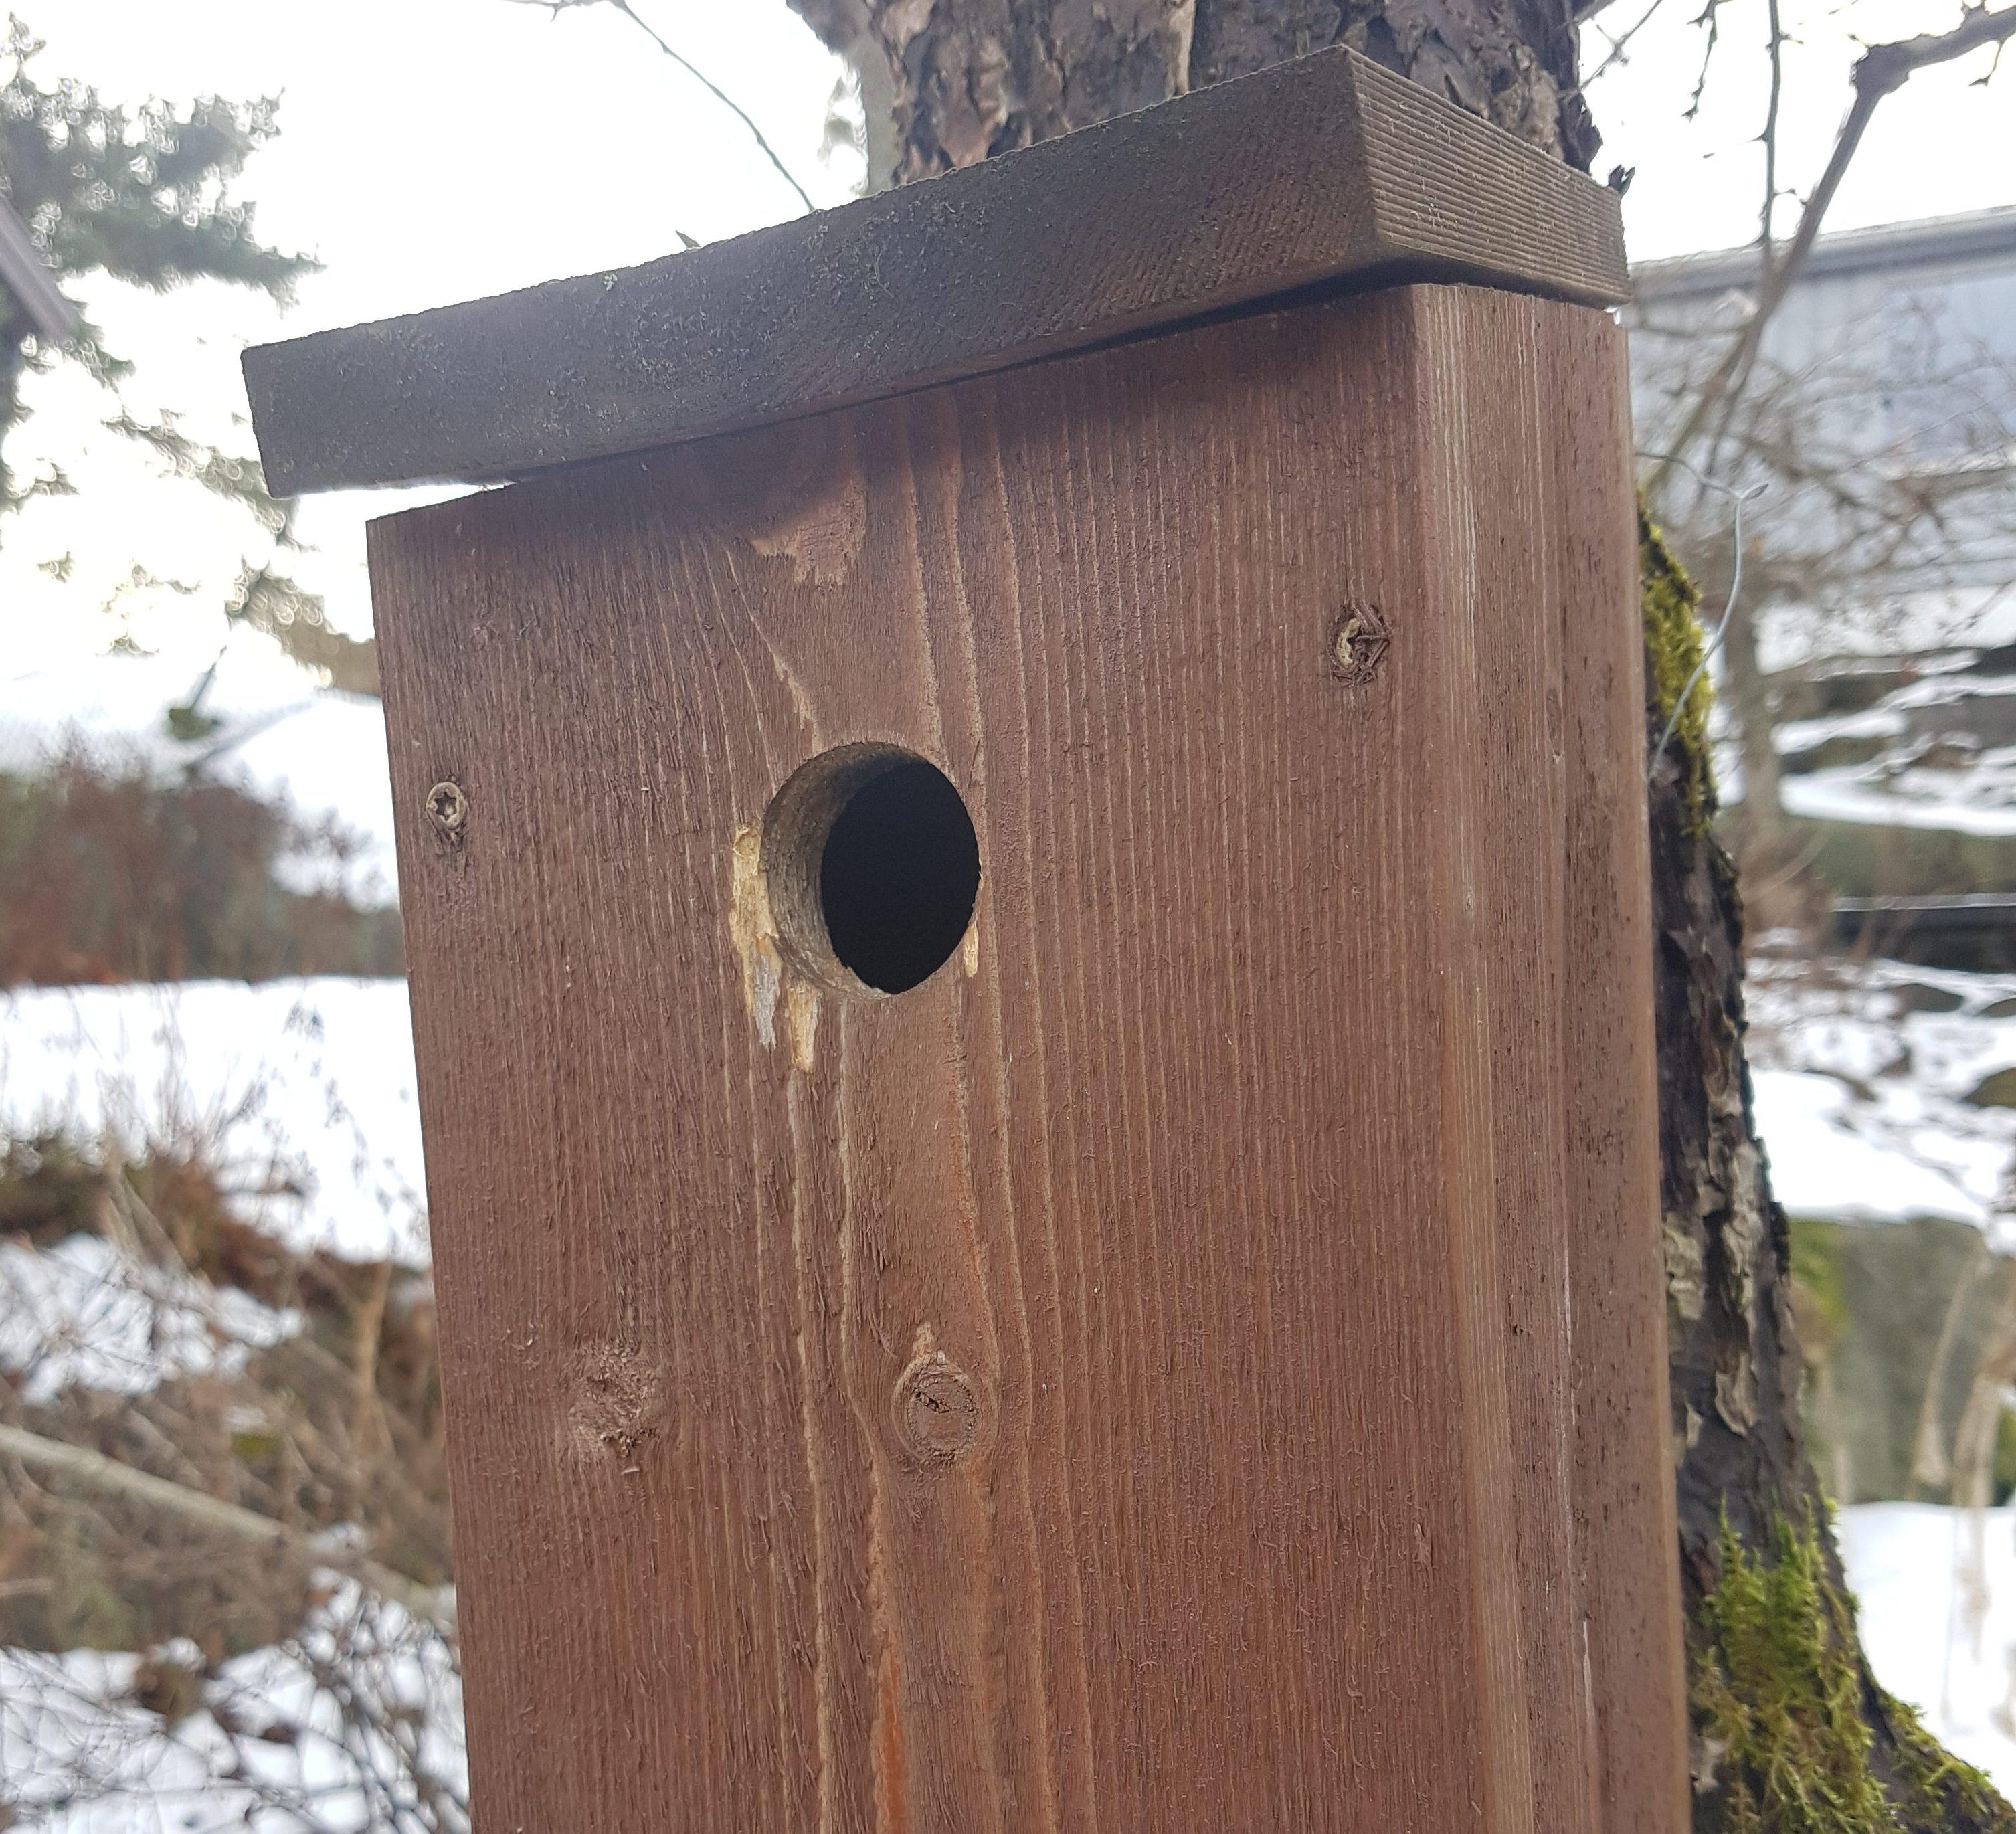 Innflytningsklar fuglekasse til alle fugler små de er